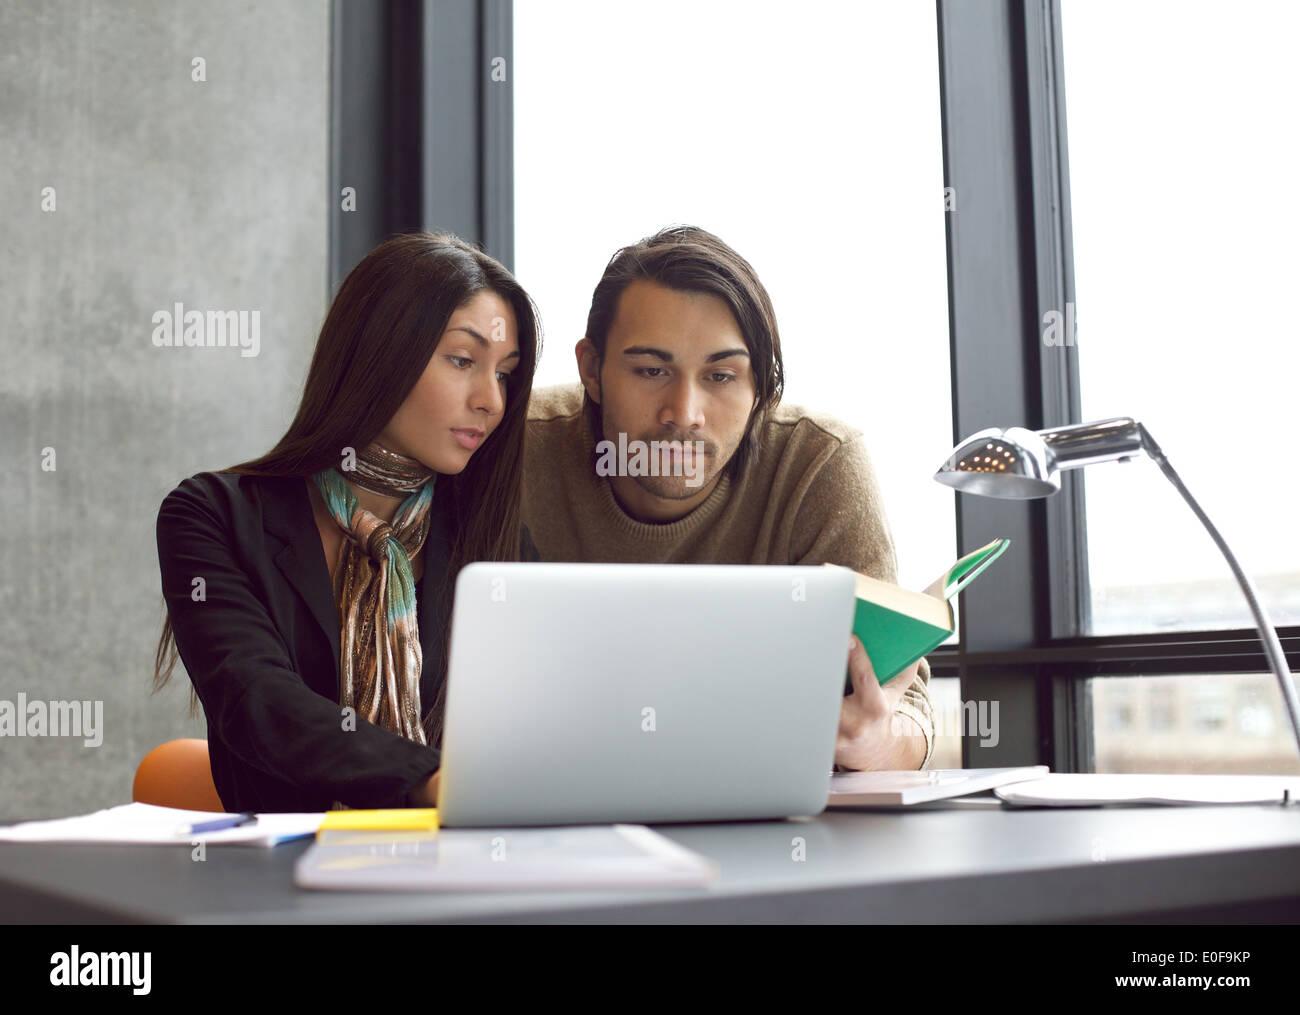 Junge Studenten, die Suche nach Informationen in Büchern und Laptop für ihre Studien. Sitzen am Tisch Stockbild